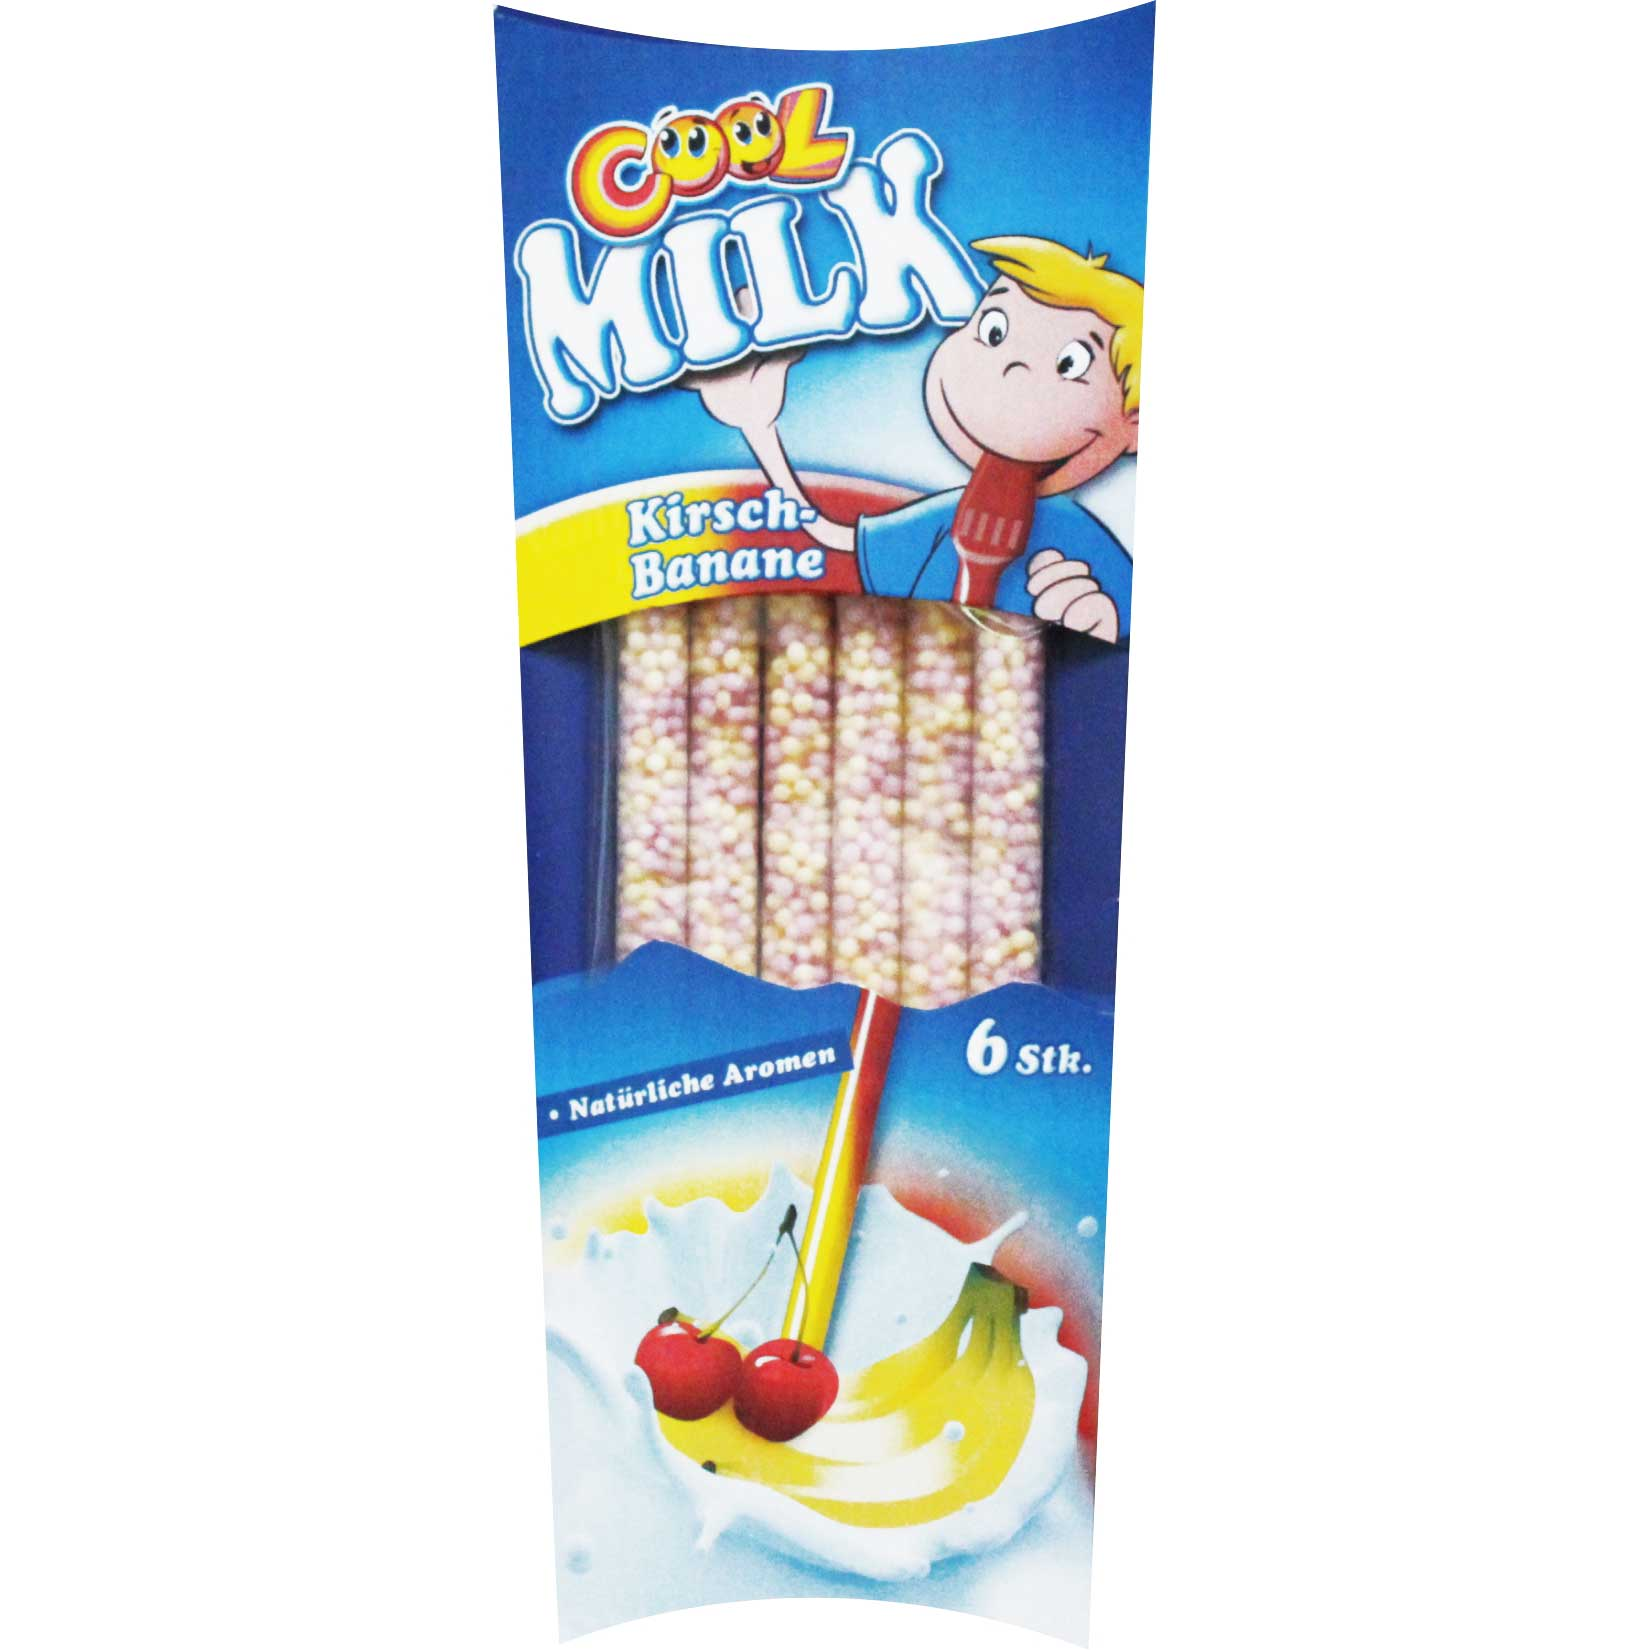 Cool Milk Kirsch Banane